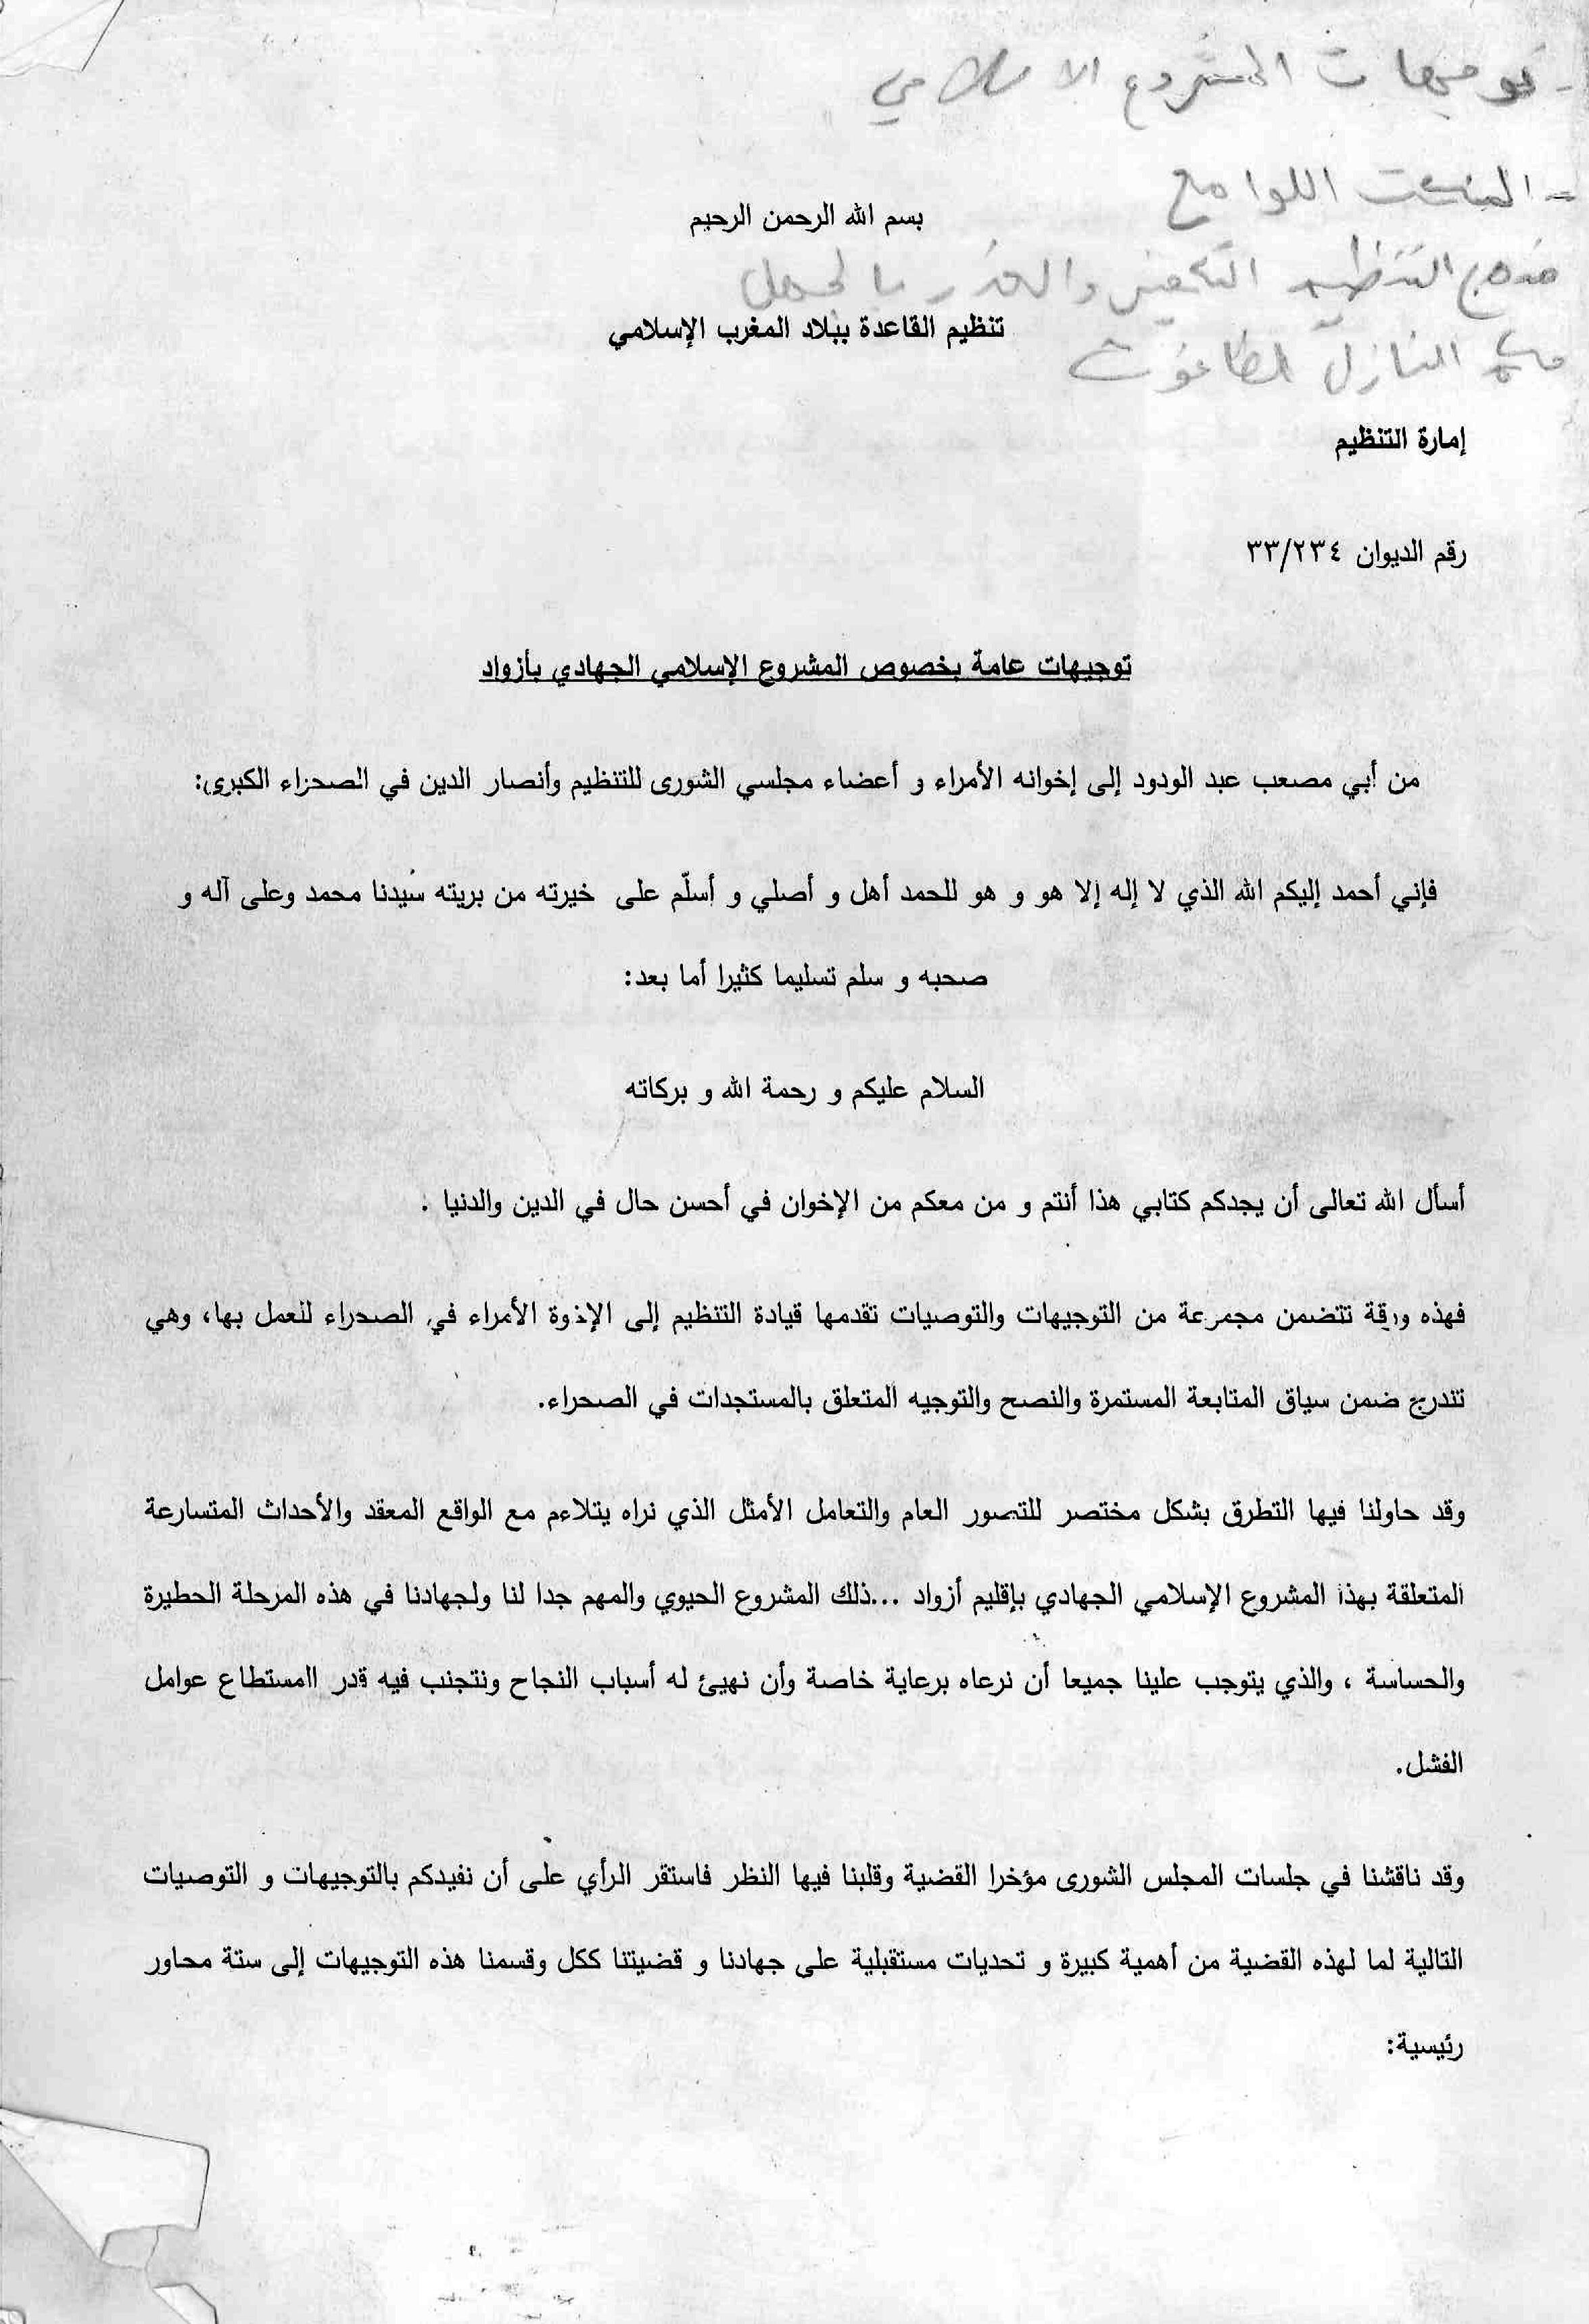 Notre dossier spécial: le document qui révèle la stratégie d'AQMI au nord du Mali